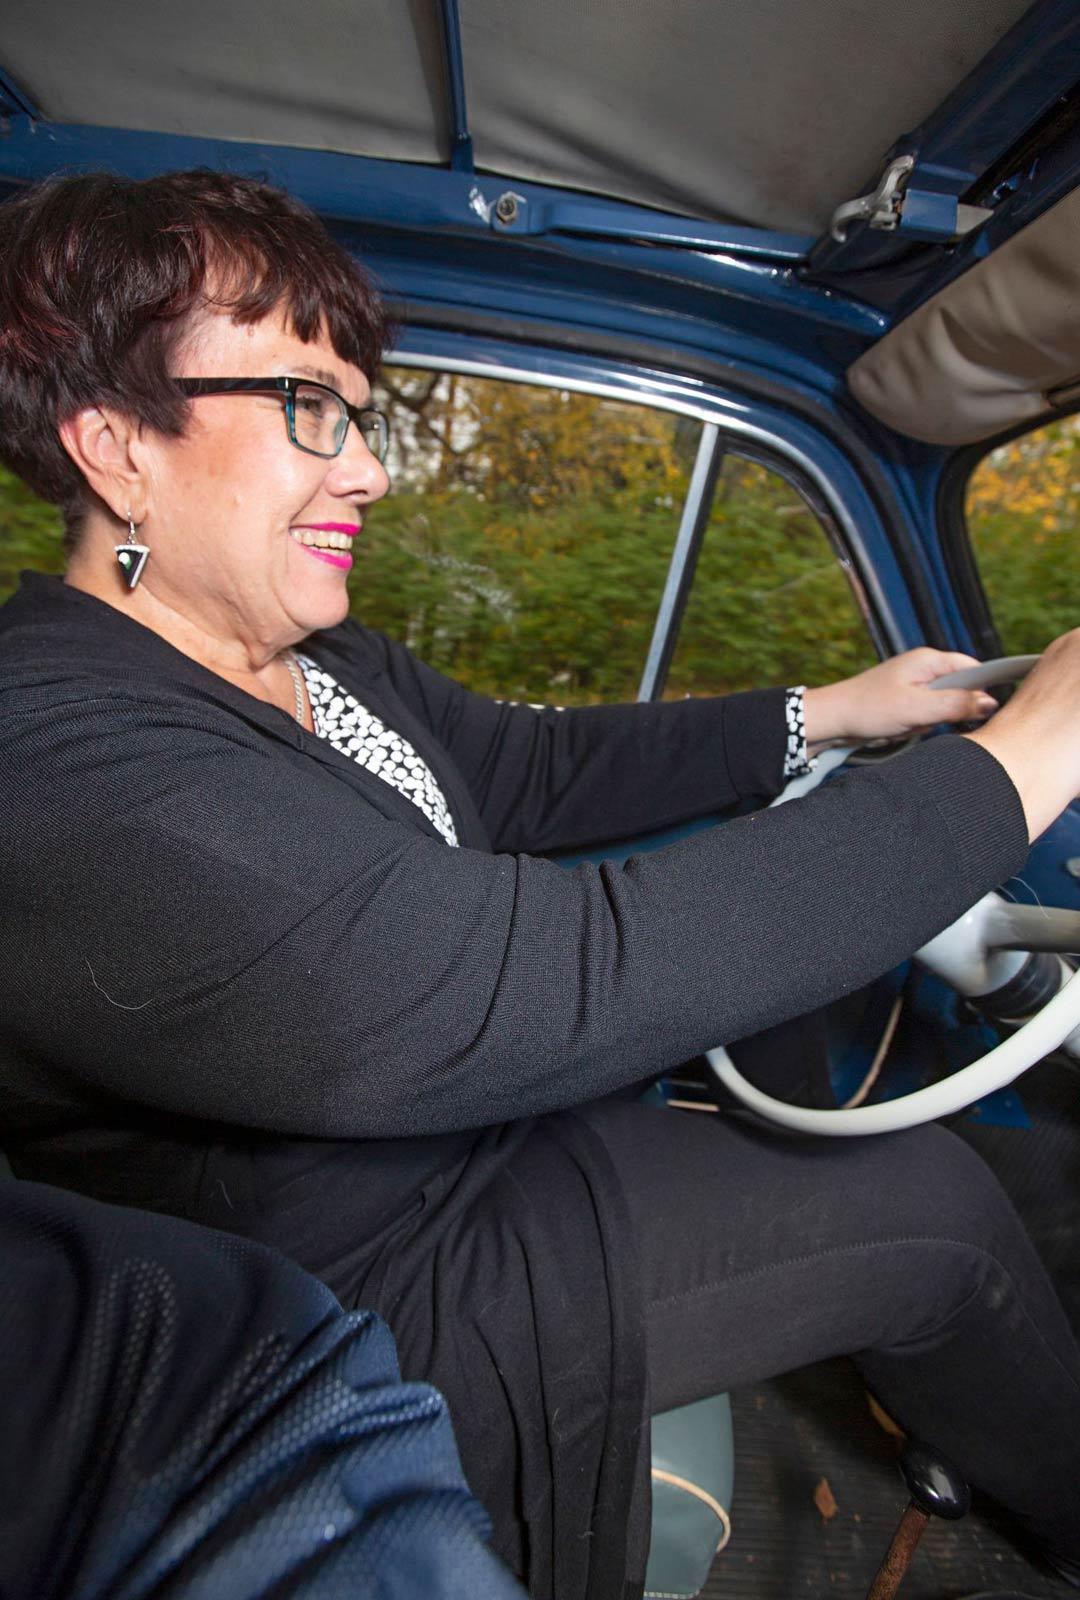 """""""Tässä on aitoa ajamisen tuntua"""", Outi Svinhufvud sanoo vuoden 1963 mallin Fiat 500 ratissa."""